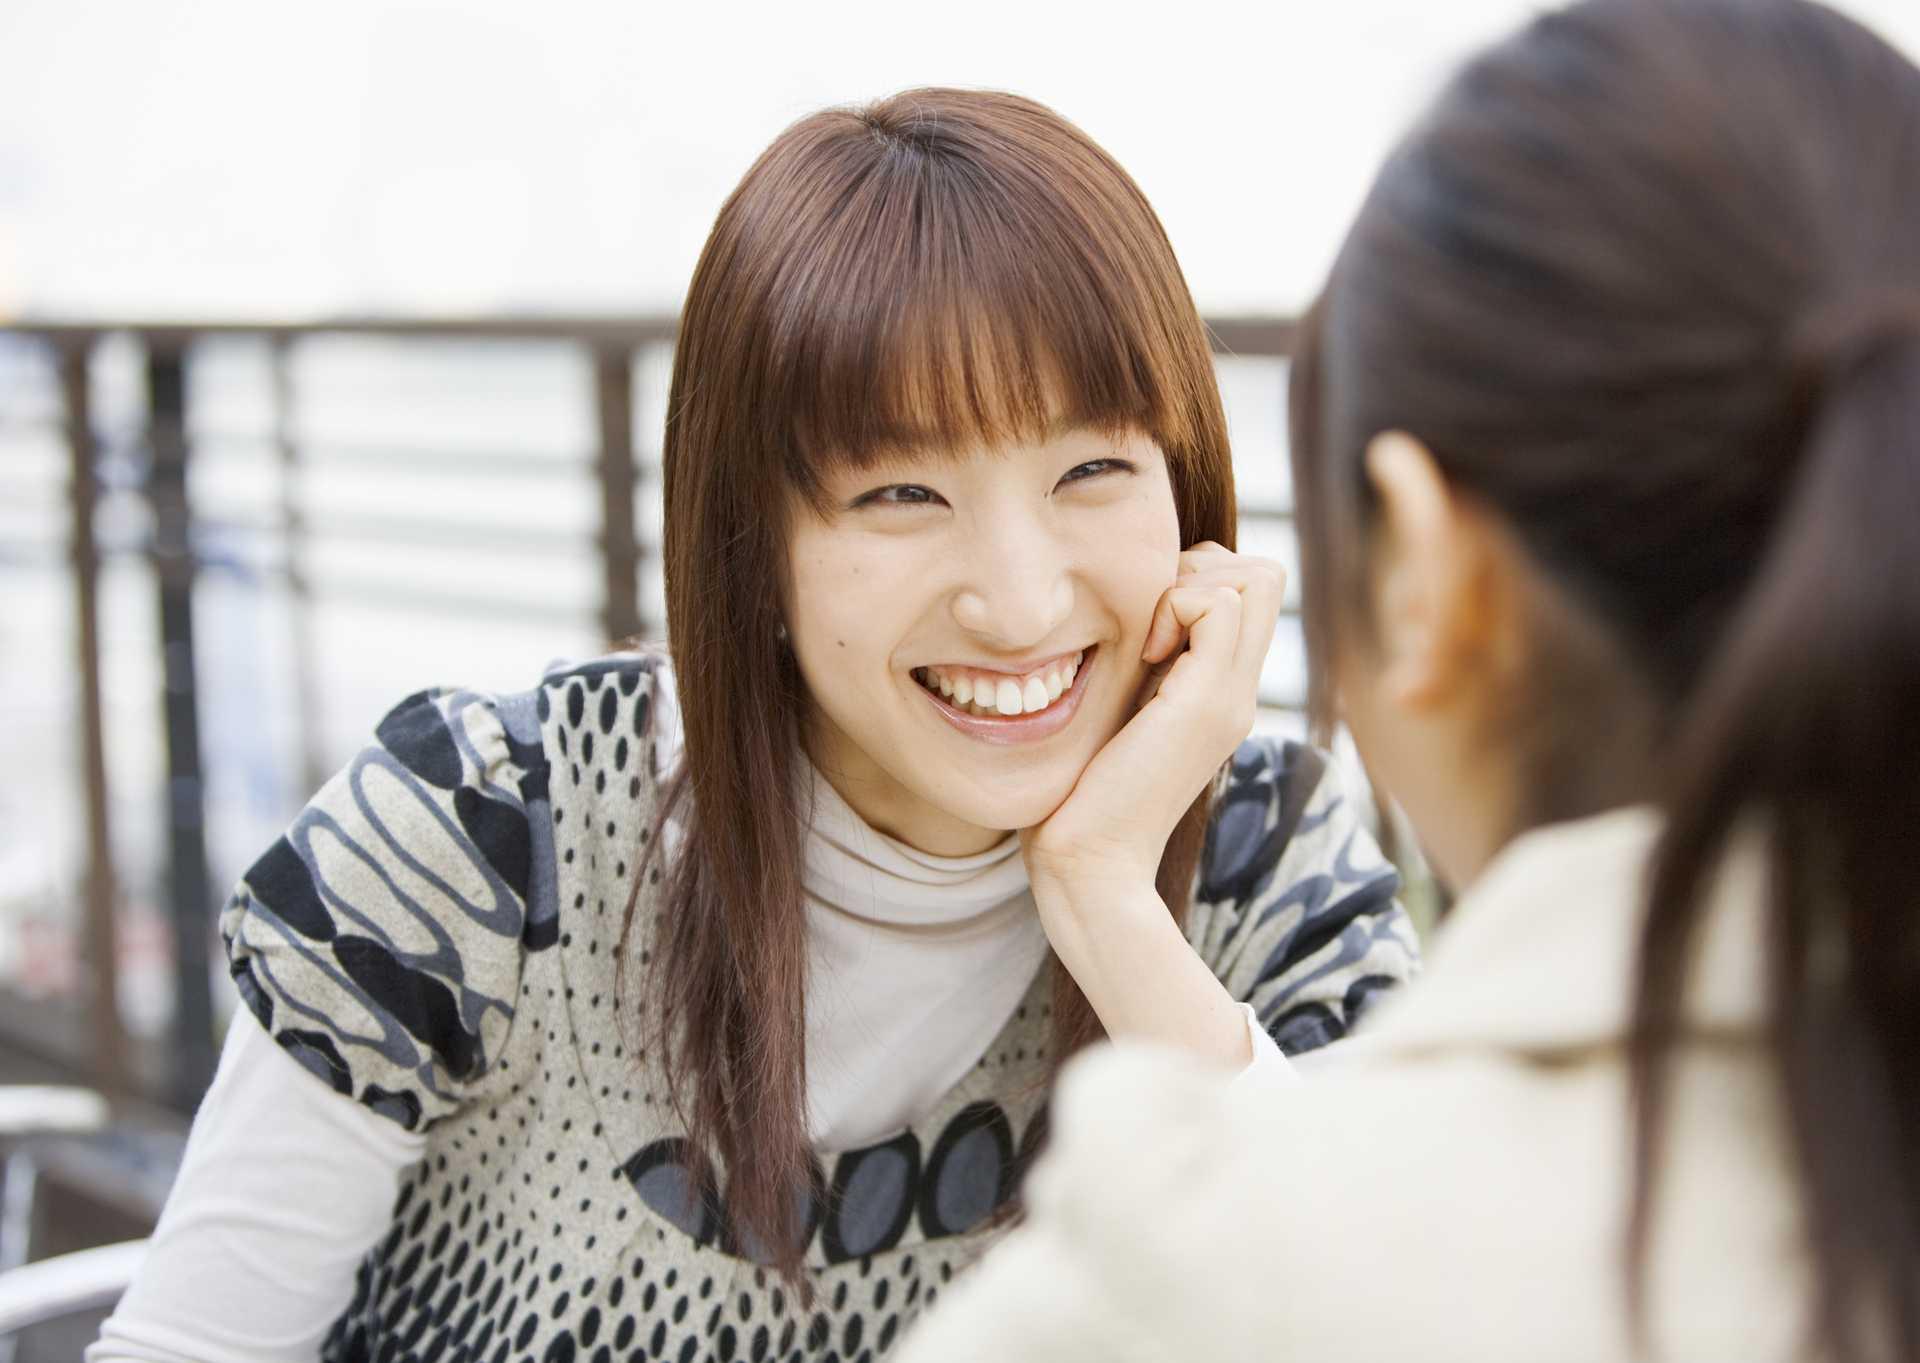 明るい人は、理解のある人。 | 明るい性格になる30の方法